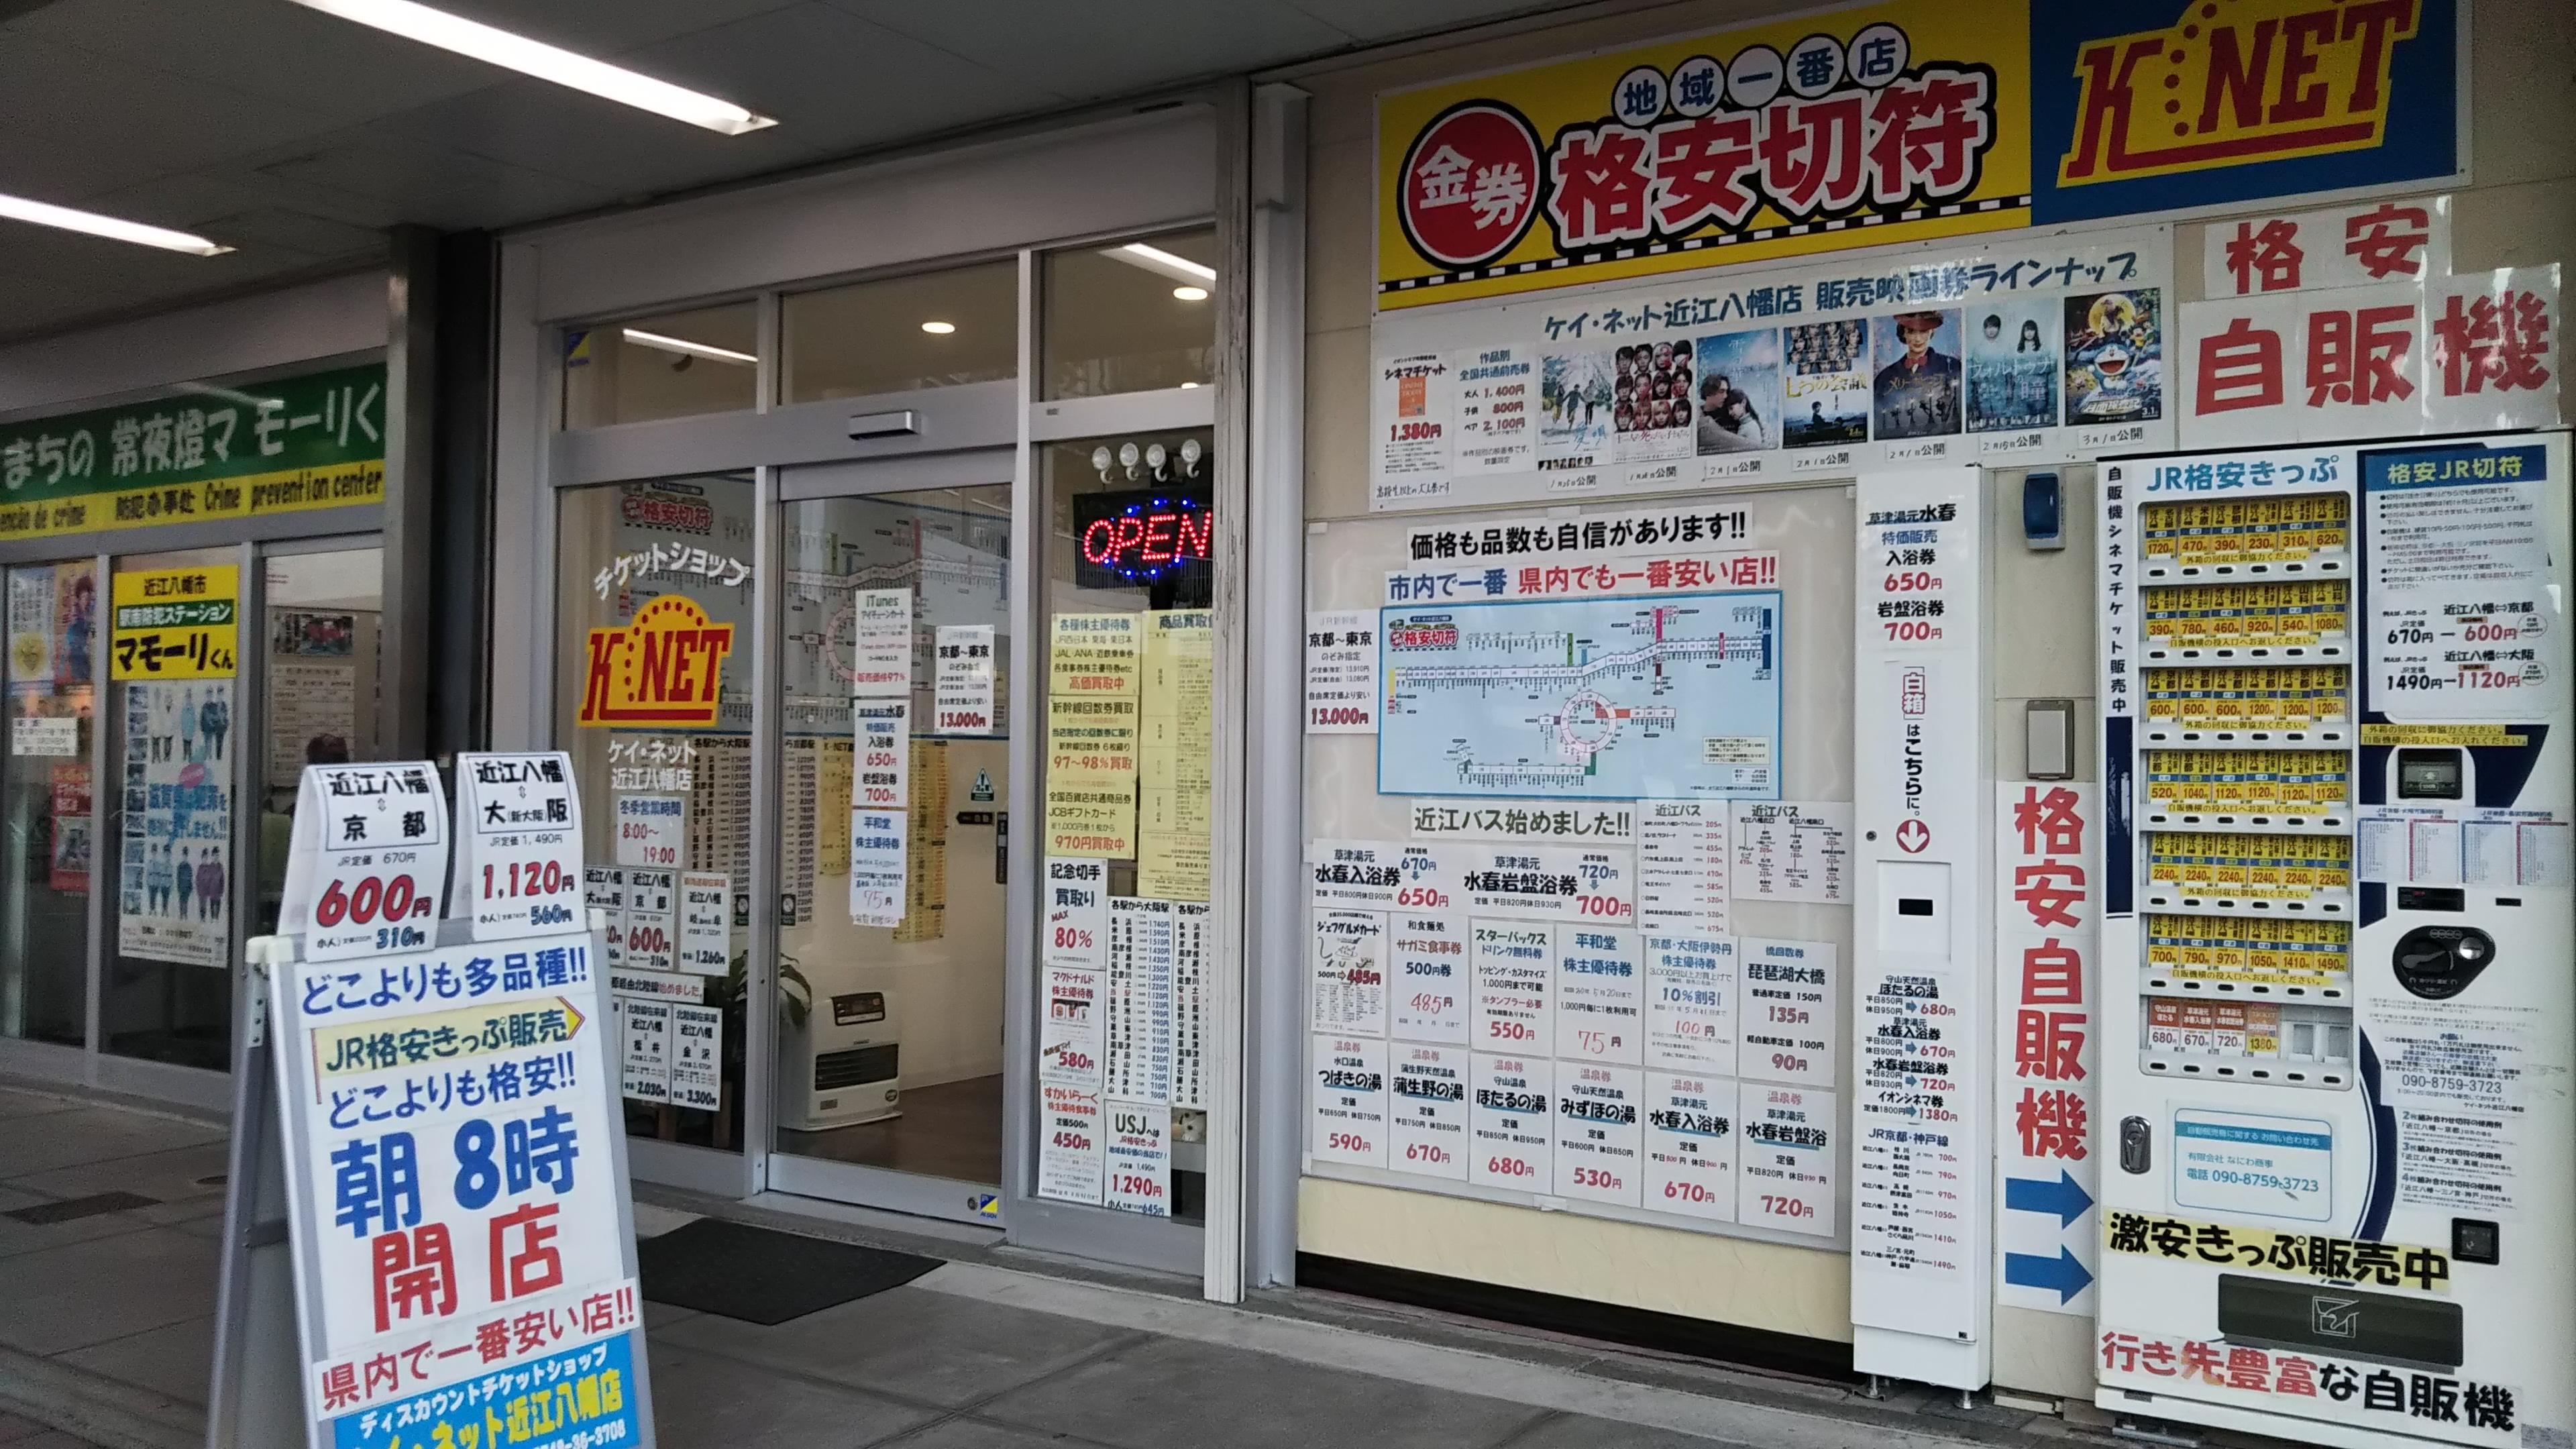 格安切符_JR近江八幡駅